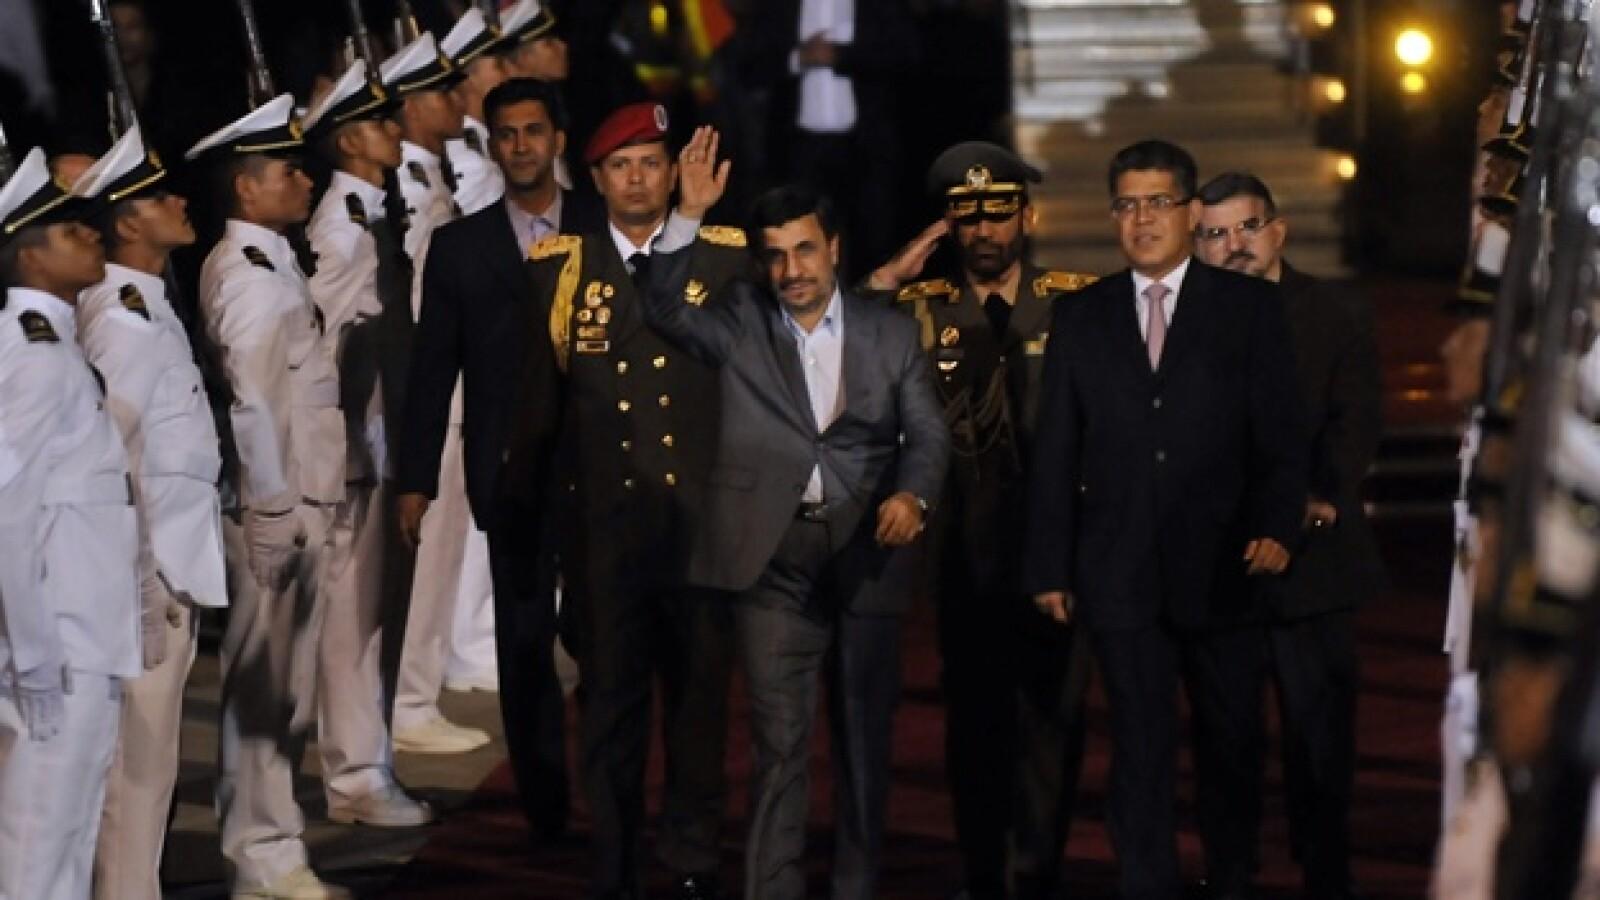 Llega presidente de Irán a Venezuela